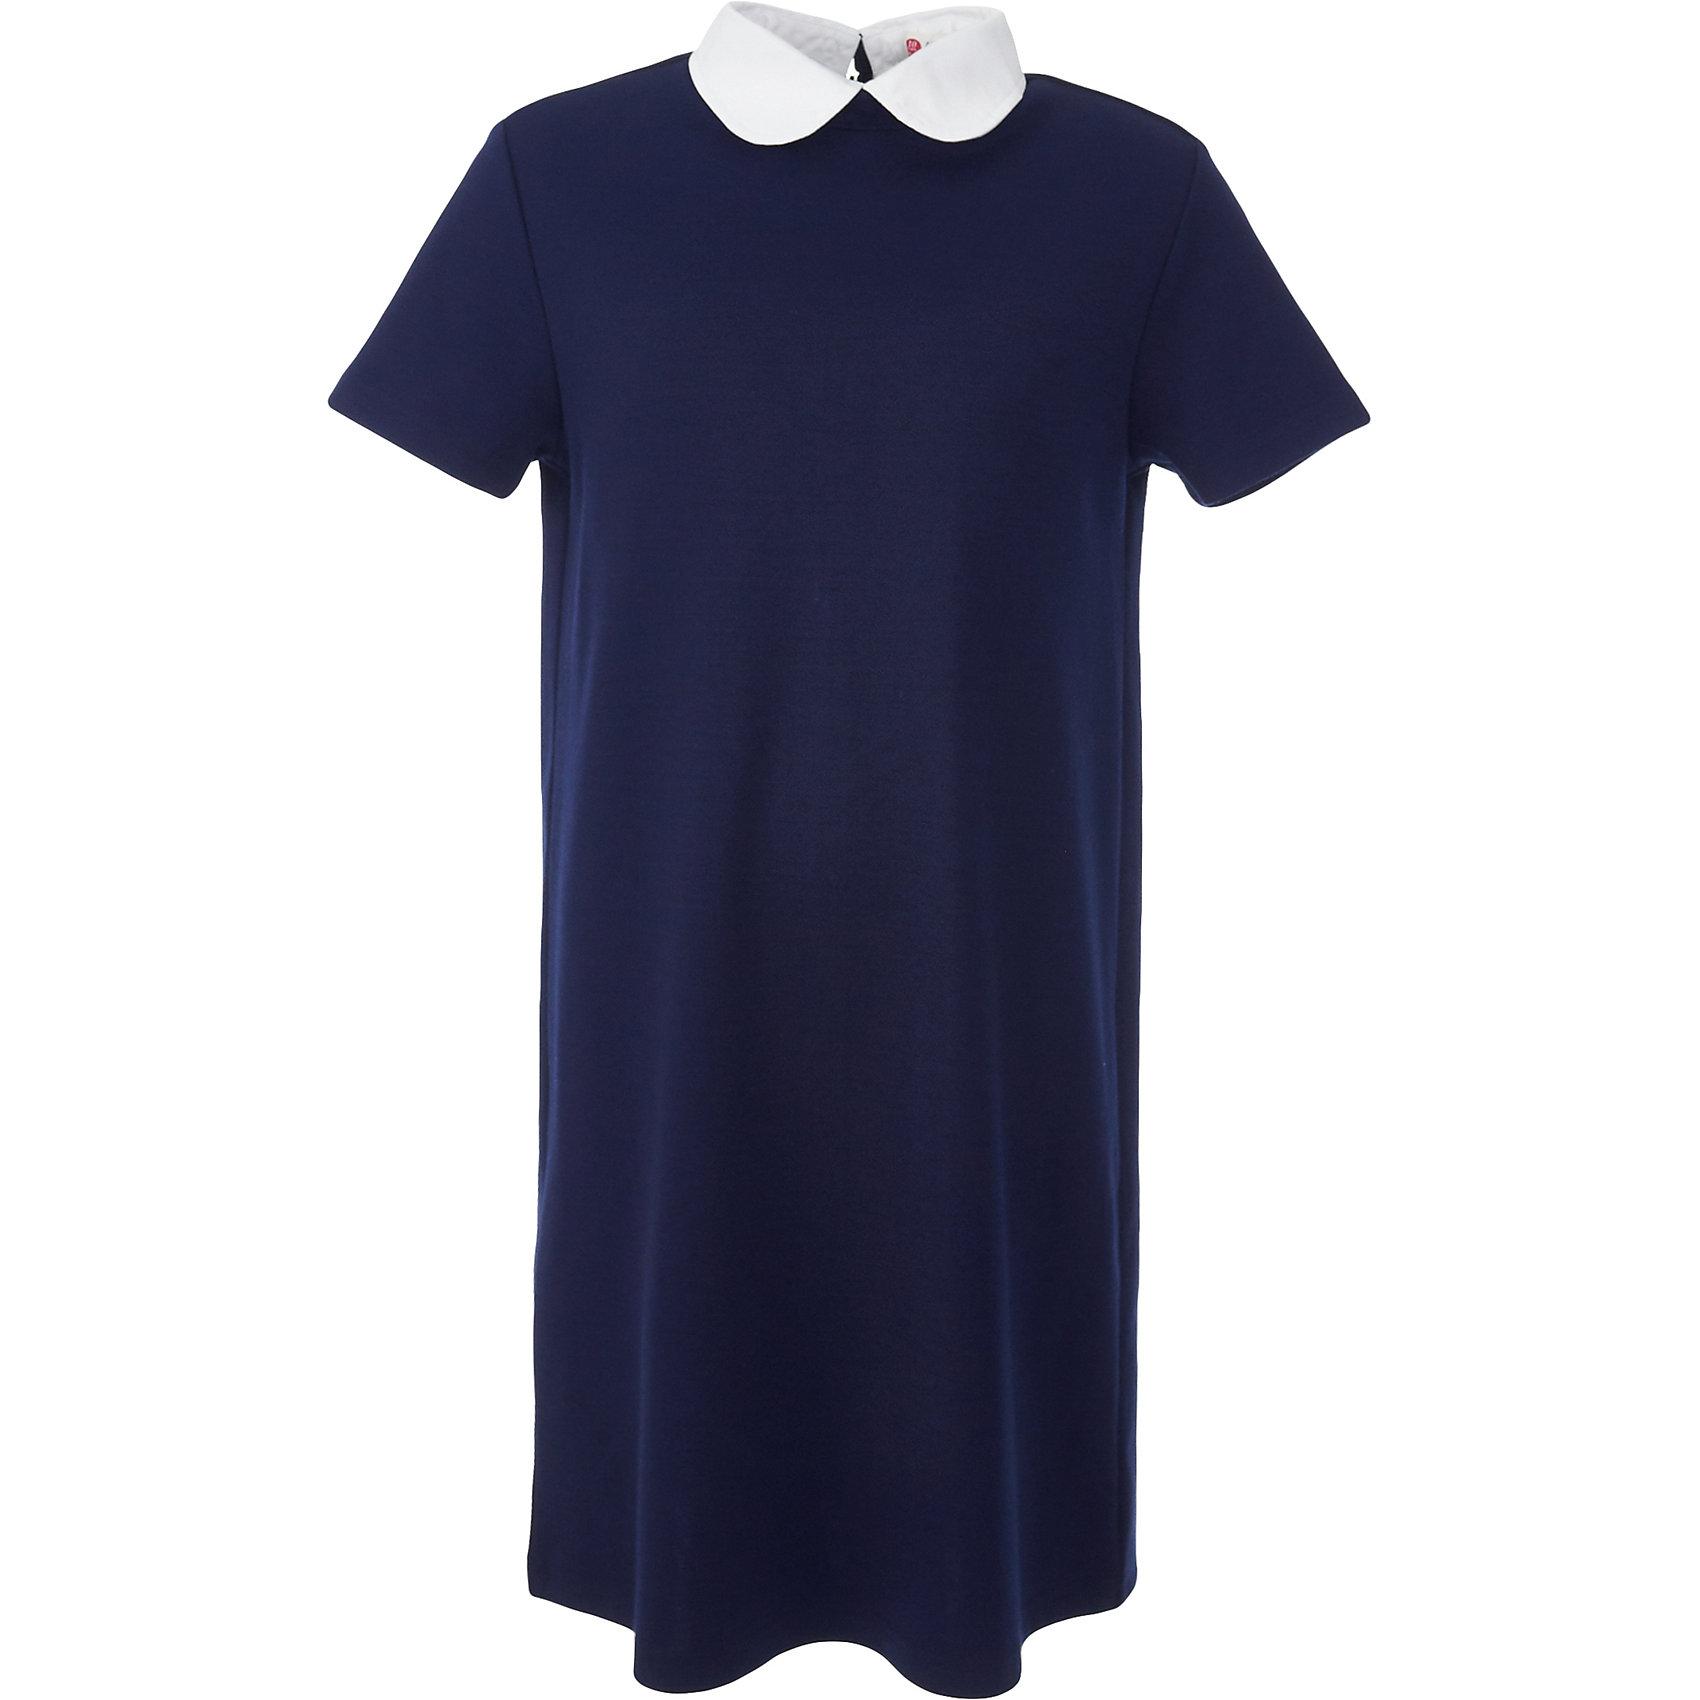 Платье для девочки BUTTON BLUEПлатья и сарафаны<br>Платье для девочки BUTTON BLUE<br>Школьные платья делают образ ученицы серьезным и элегантным. Если вы хотите купить  универсальную вещь и на каждый день, и для торжественного случая, вам стоит купить школьное платье. Трикотажное школьное платье для девочек обеспечит уют, свободу движений, удобство в повседневной носке. Белый воротник подчеркнет строгость модели и нежность ее обладательницы.<br>Состав:<br>75% полиэстер, 21% вискоза,     4% эластан<br><br>Ширина мм: 236<br>Глубина мм: 16<br>Высота мм: 184<br>Вес г: 177<br>Цвет: синий<br>Возраст от месяцев: 84<br>Возраст до месяцев: 96<br>Пол: Женский<br>Возраст: Детский<br>Размер: 128,134,140,146,152,158,164,122<br>SKU: 6739411